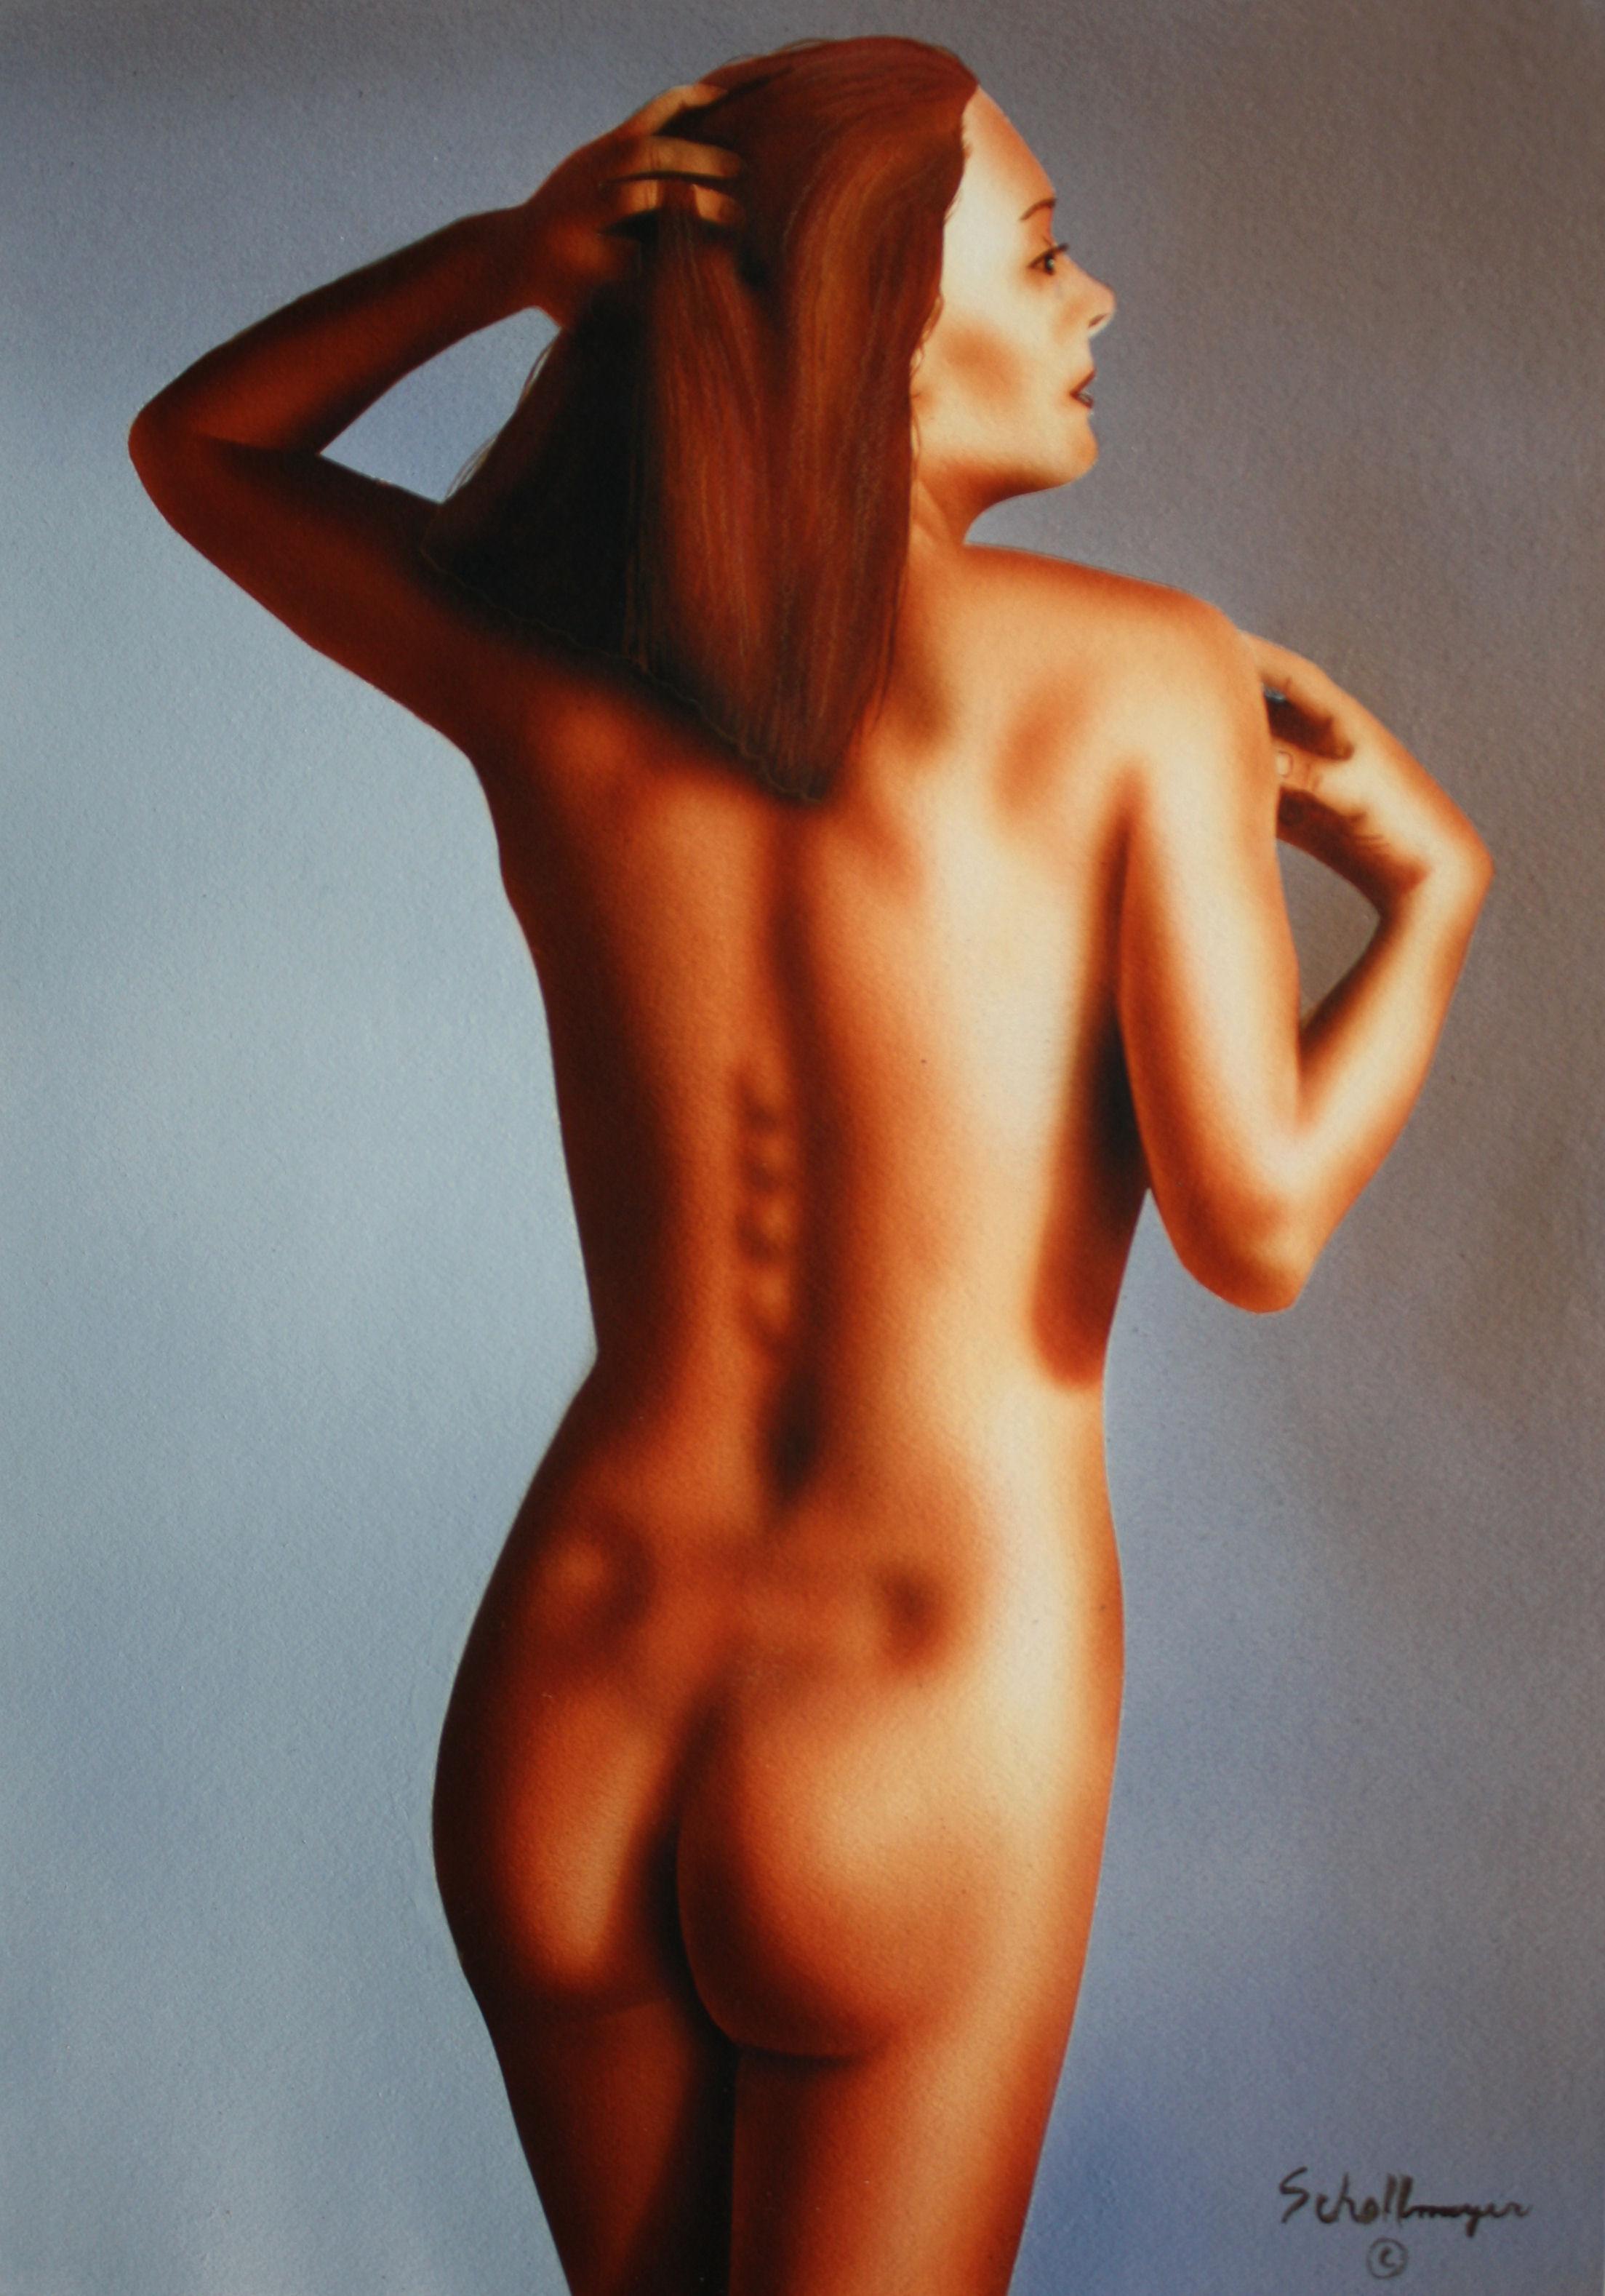 Nude Study # 7